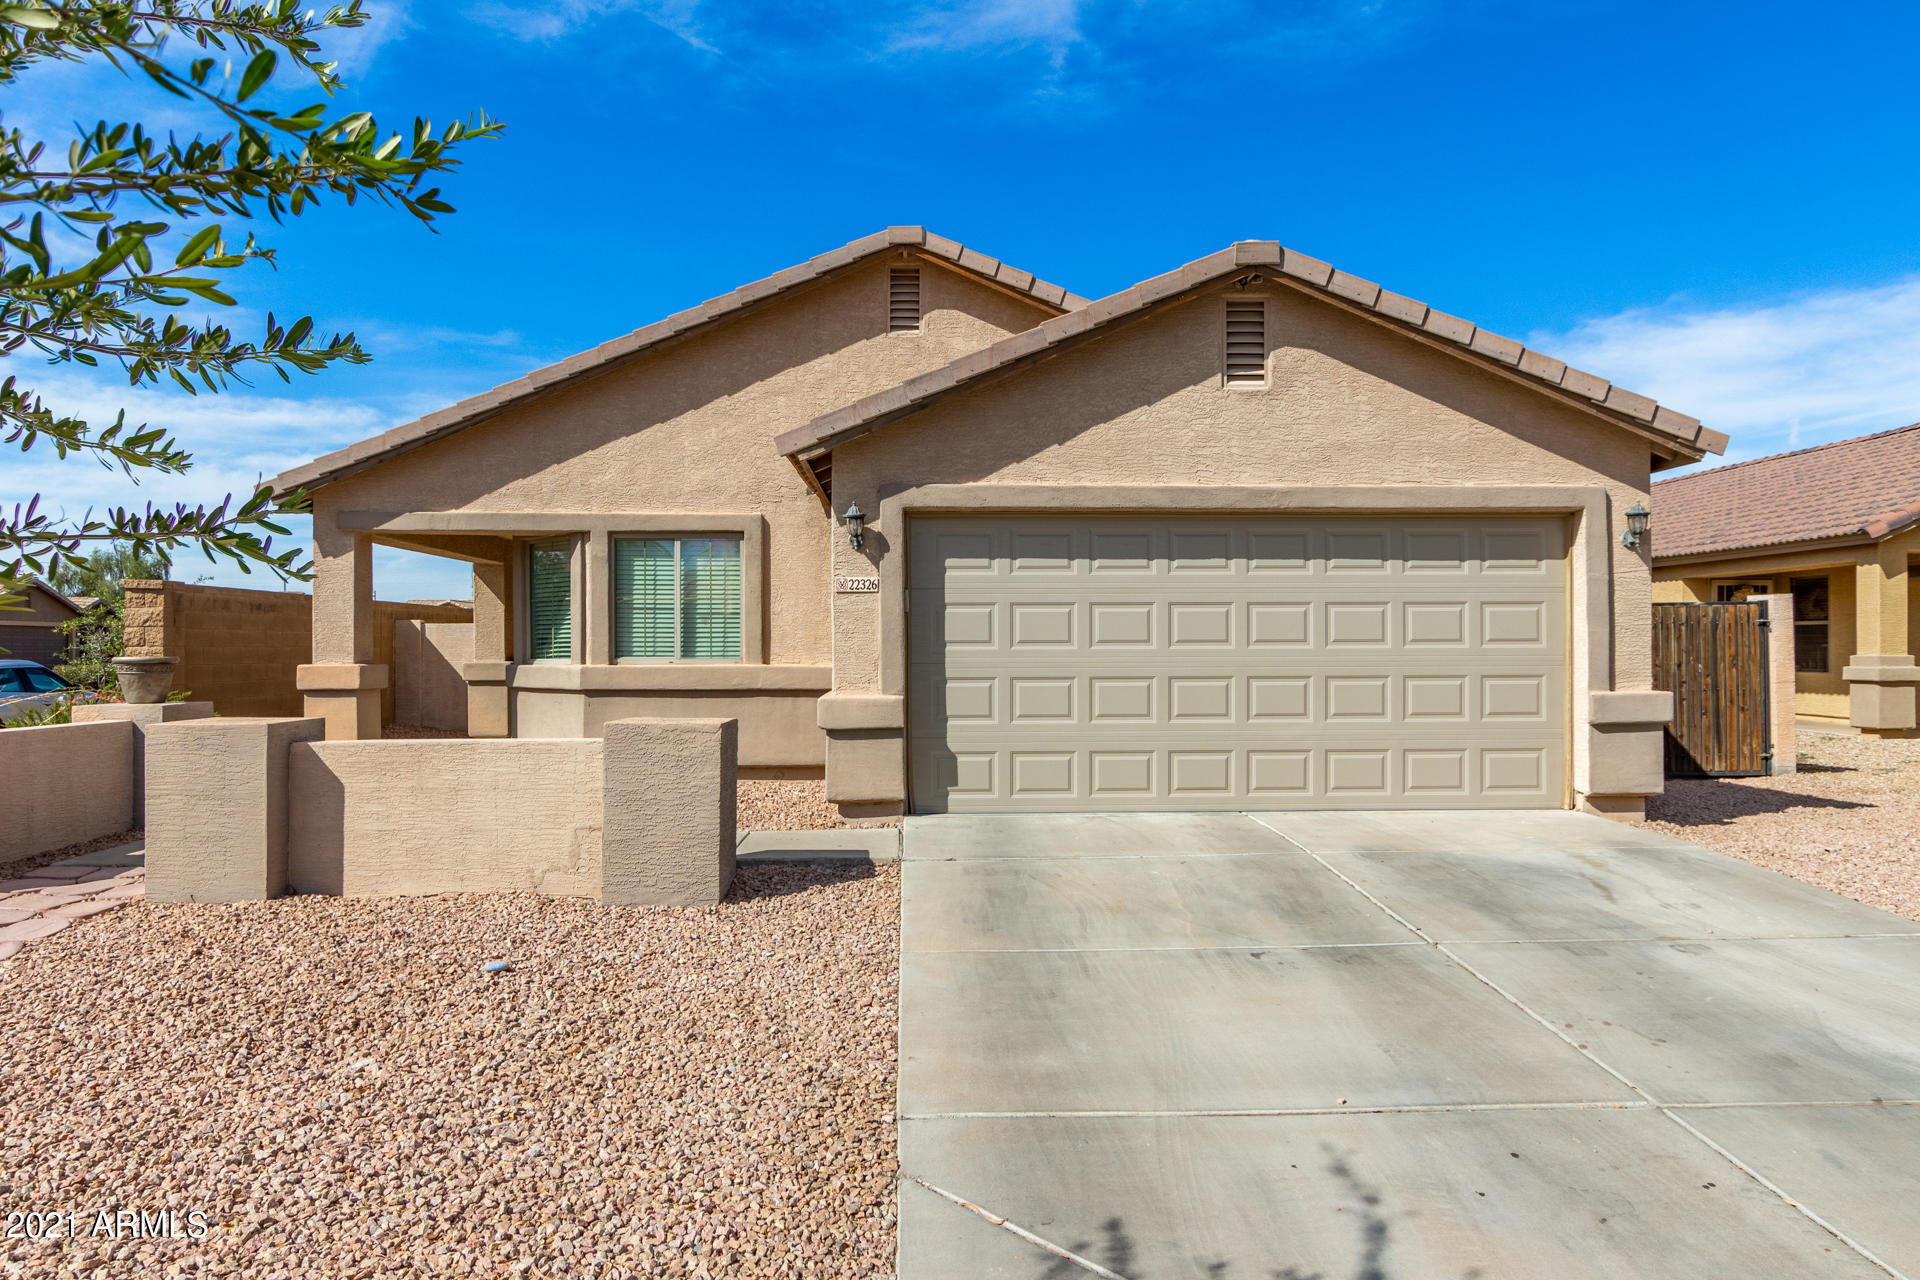 22326 VIA DEL RANCHO --, Queen Creek, Arizona 85142, 4 Bedrooms Bedrooms, ,2 BathroomsBathrooms,Residential,For Sale,VIA DEL RANCHO,6250860